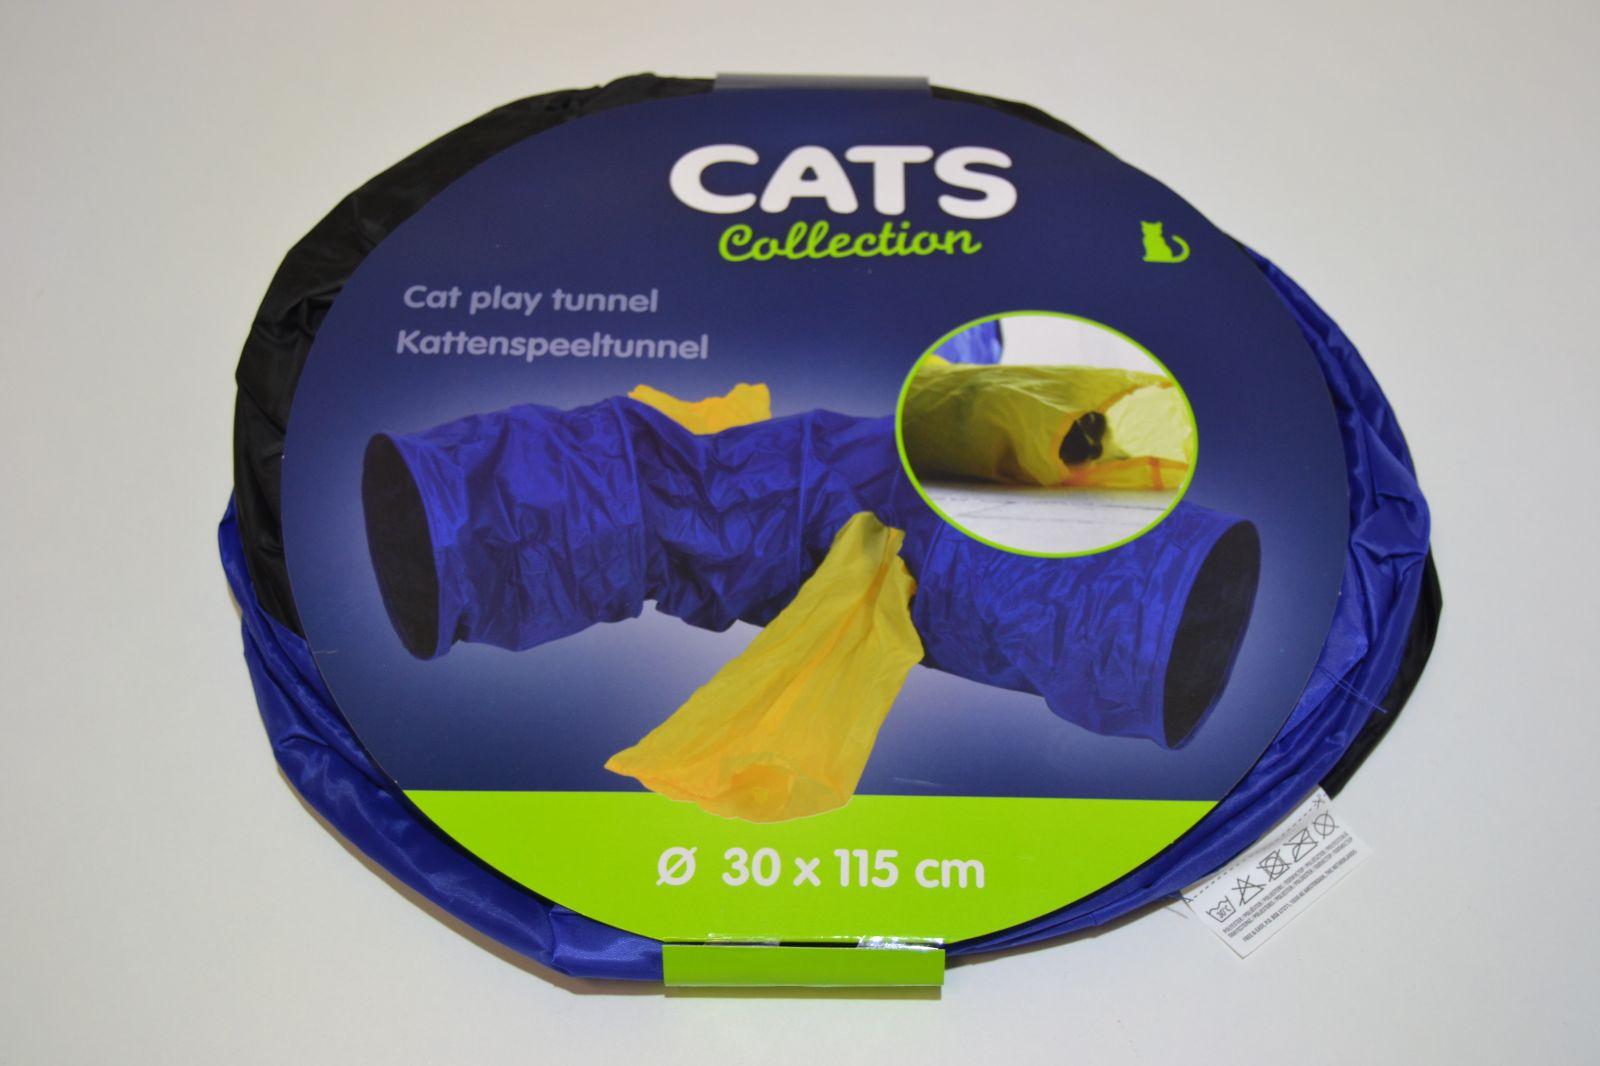 Prolézací tunel pro kočky 30 x 115 cm